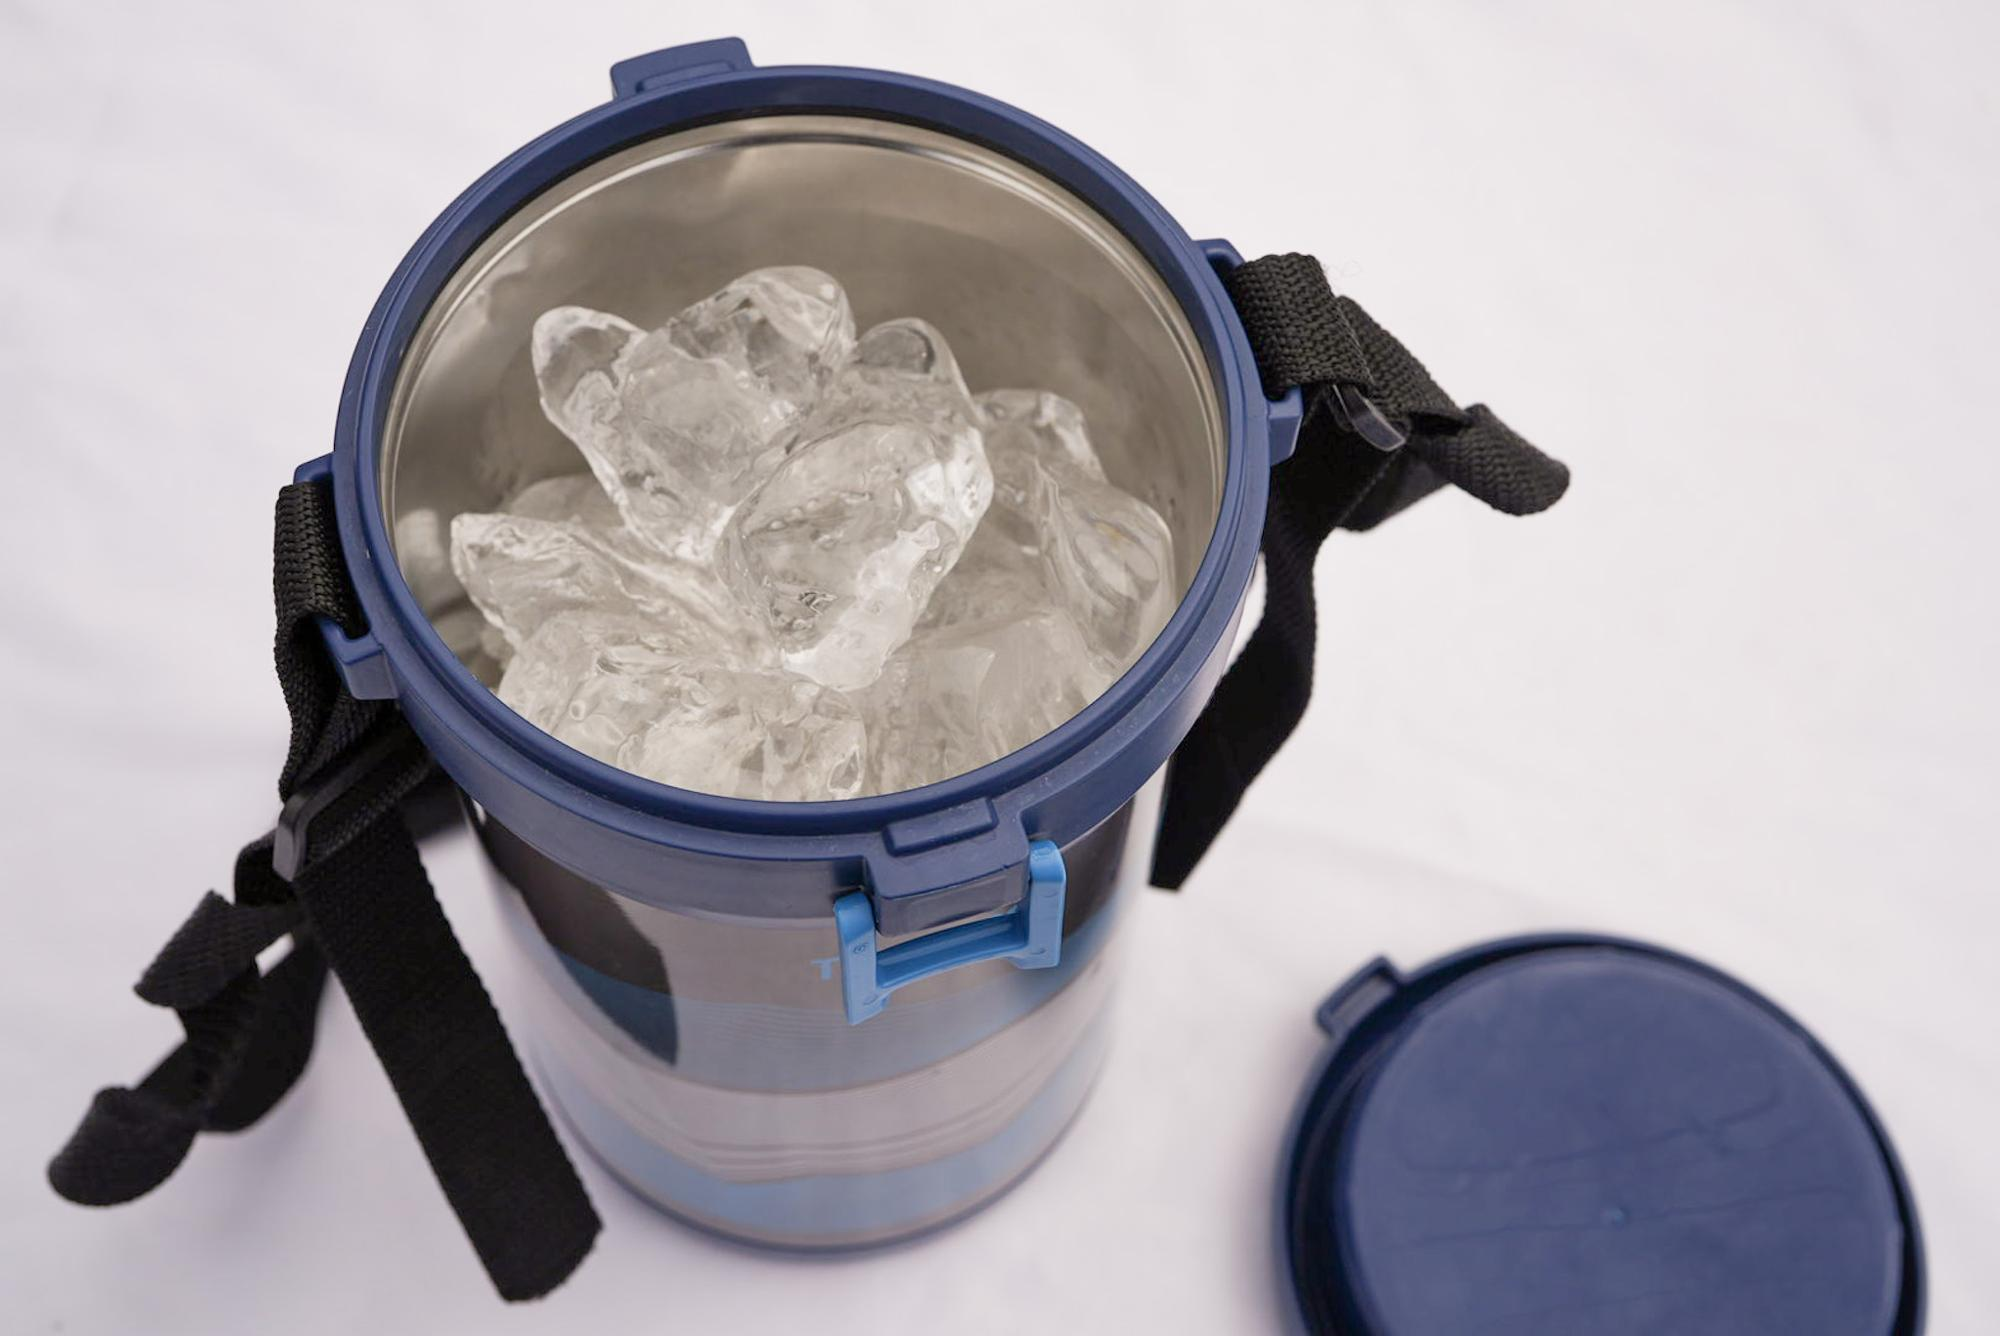 アイスコンテナー「FHK-2200」。ほぼサーモスの弁当箱を流用していると思われます。やや子どもっぽいデザインがアレ